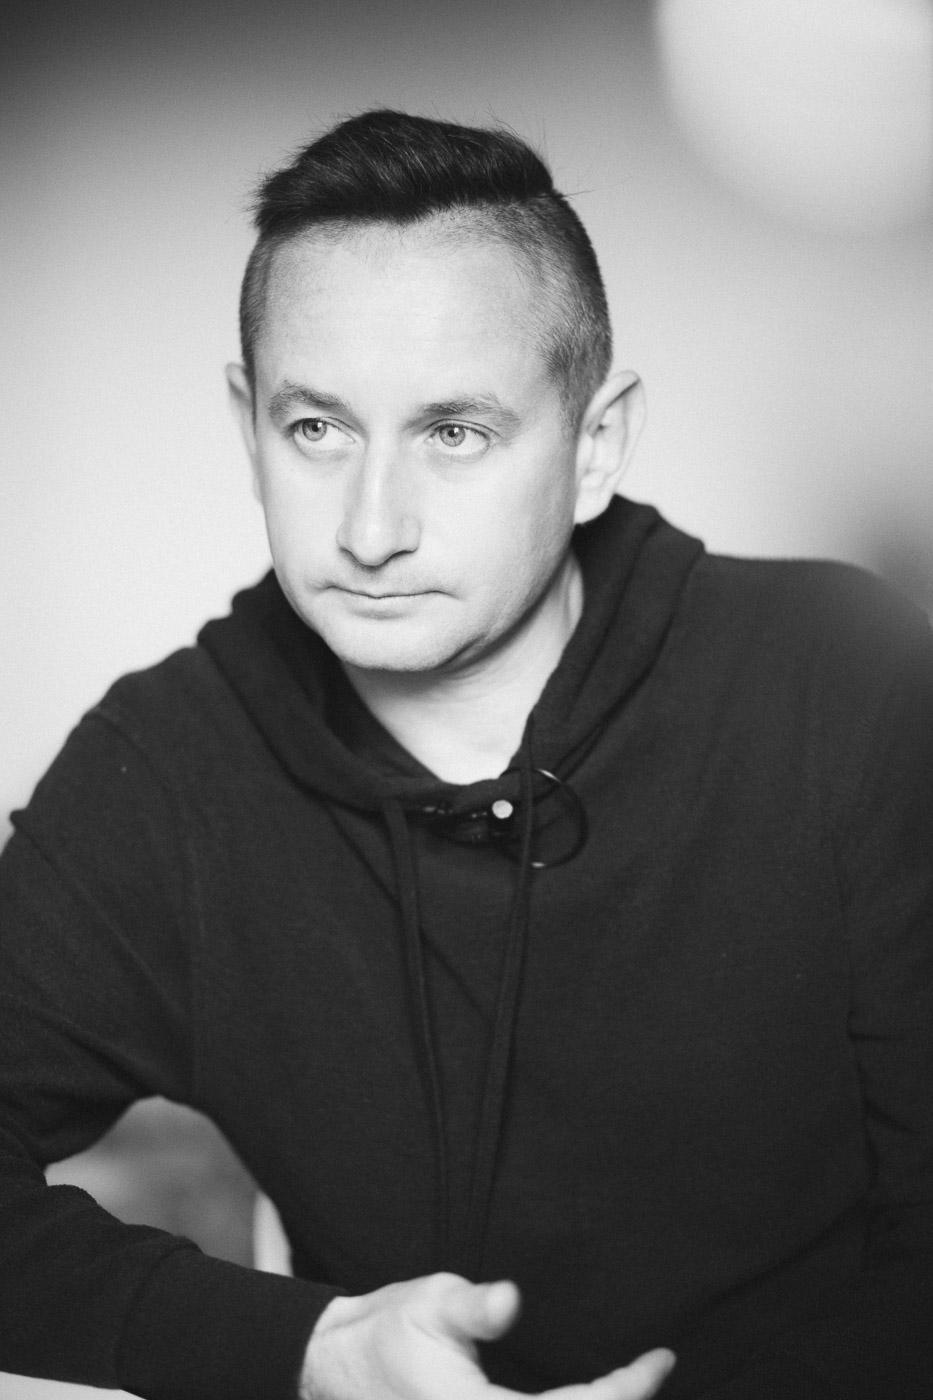 Serhijs Zadans